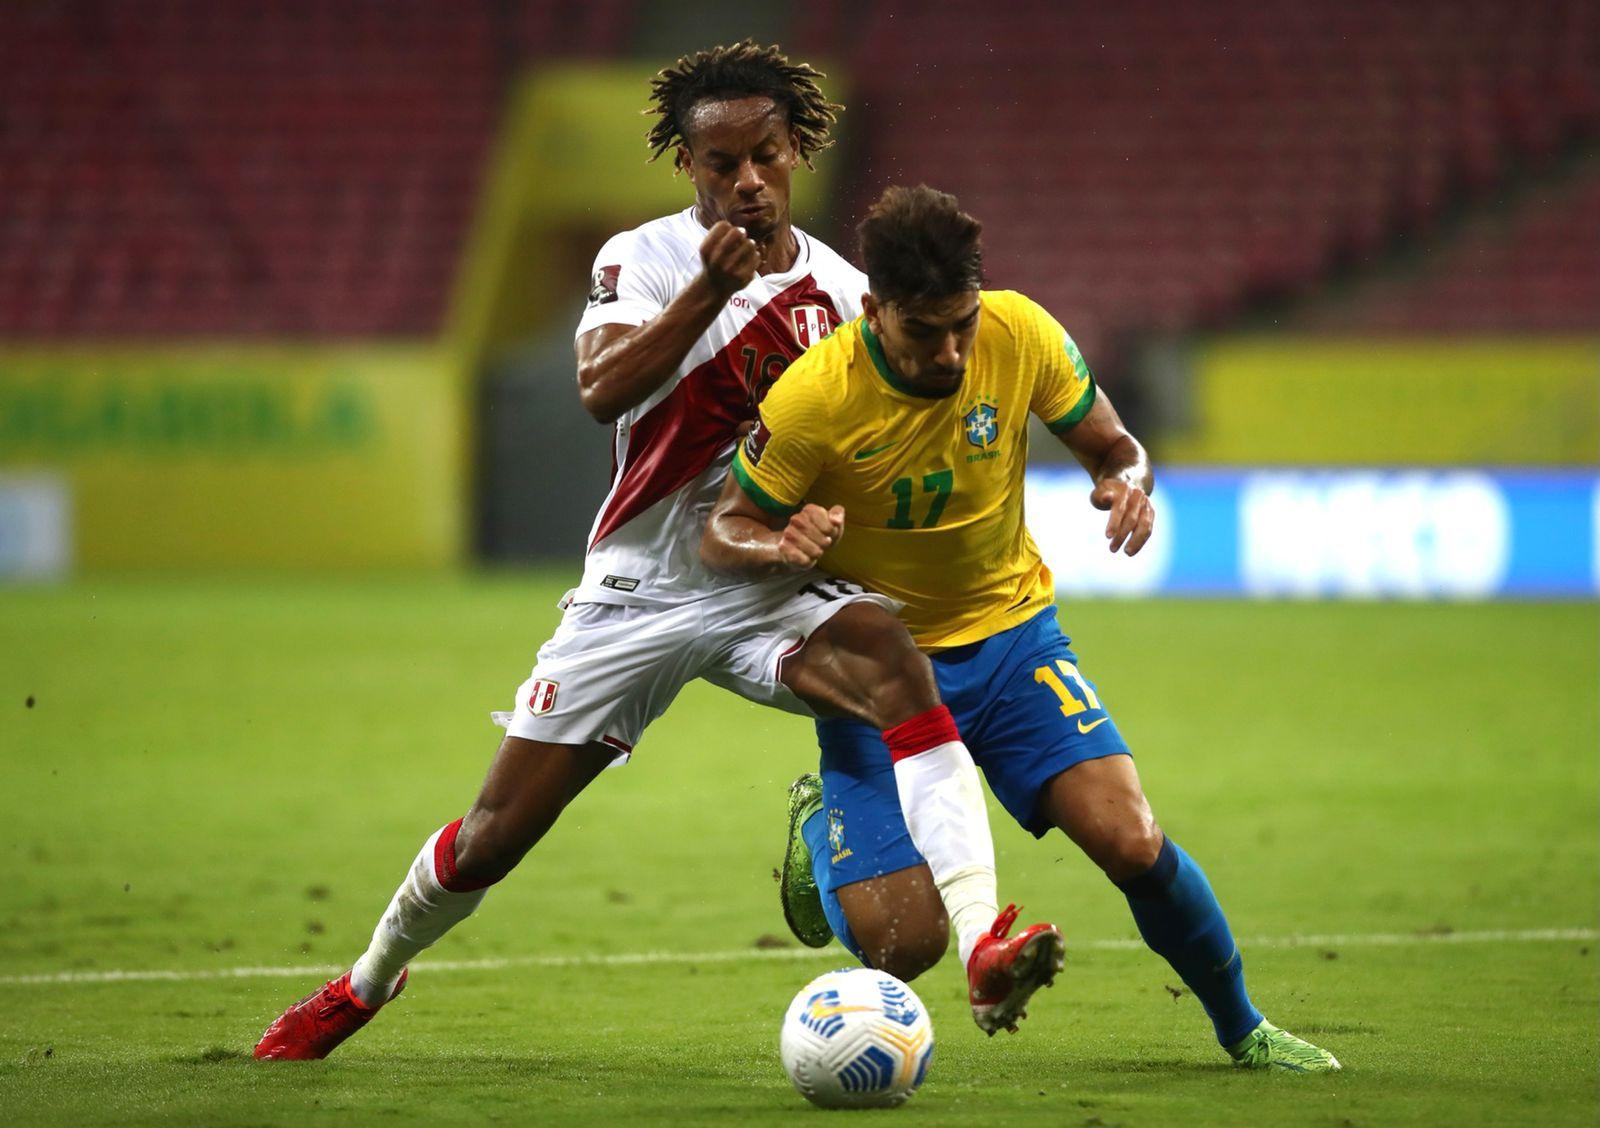 Messi và Neymar liên tục tỏa sáng tại vòng loại World Cup 2022